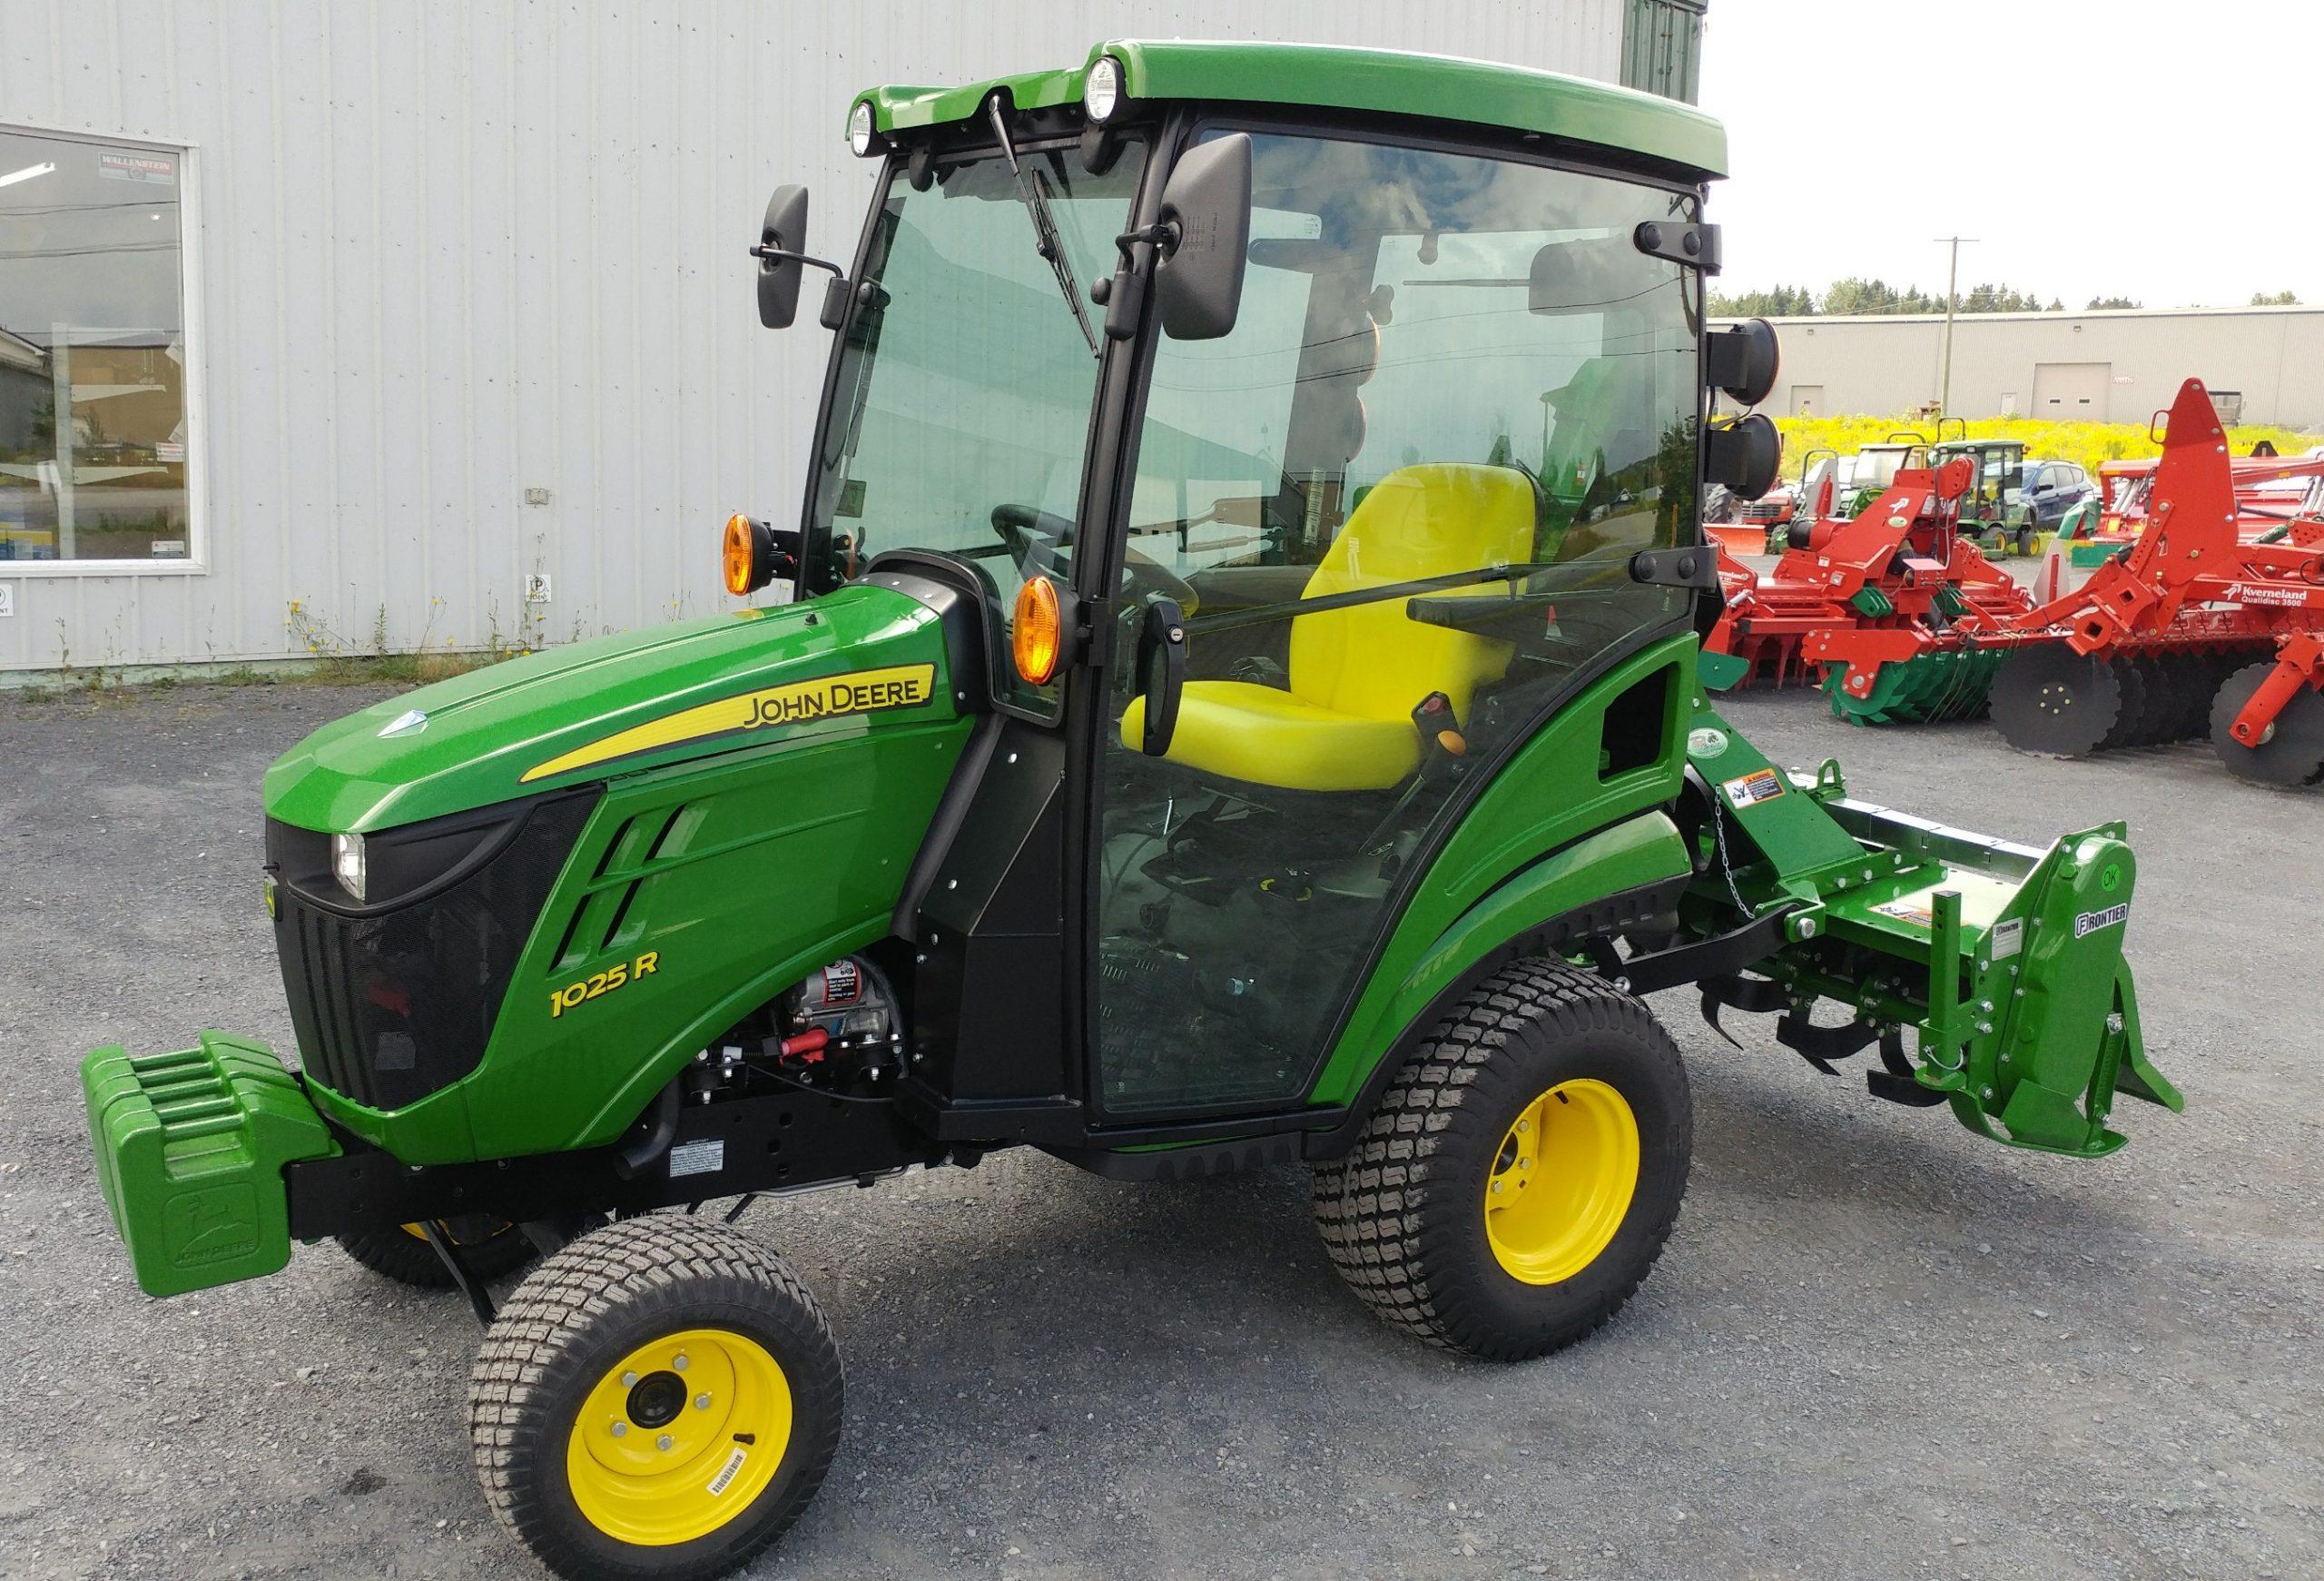 Série Compact De 23 A 66 Hp | Les Équipements Agri-Beauce à Image Tracteur John Deere